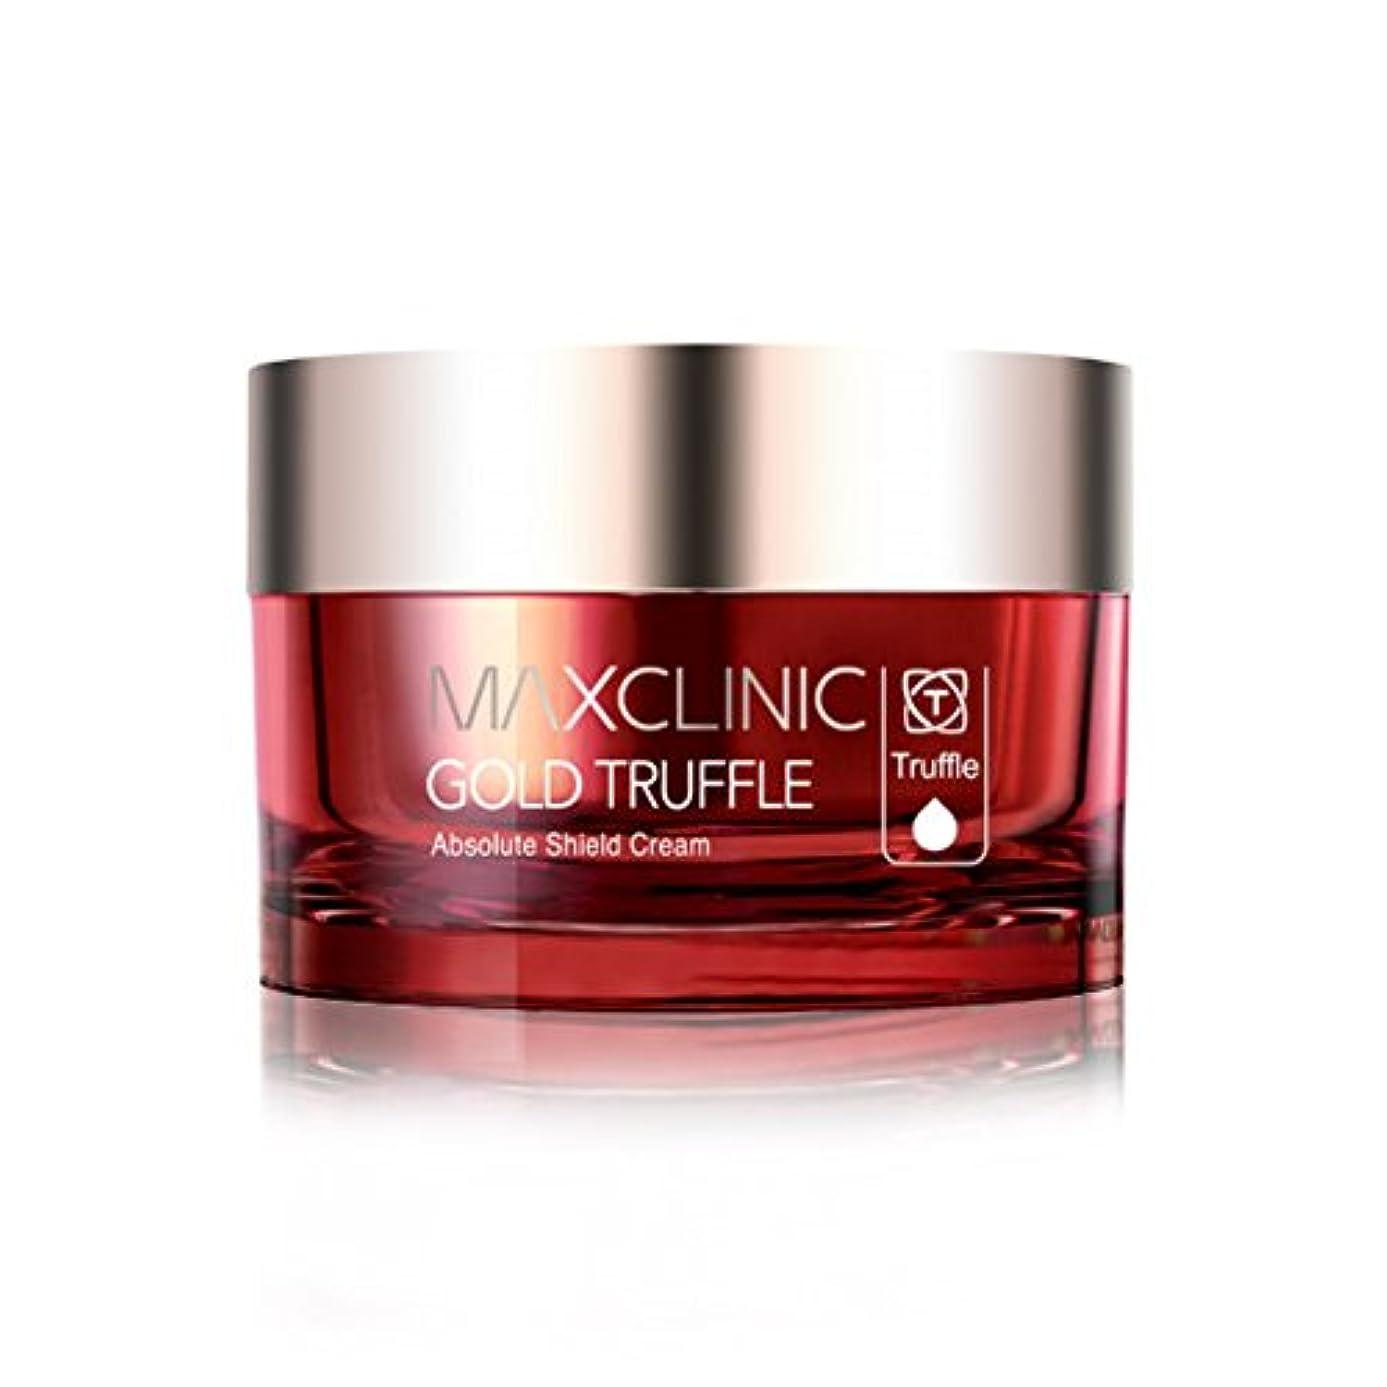 アクティブ契約した医学[New] MAXCLINIC Absolute Shield Cream 50ml/マックスクリニック アブソリュート シールド クリーム 50ml